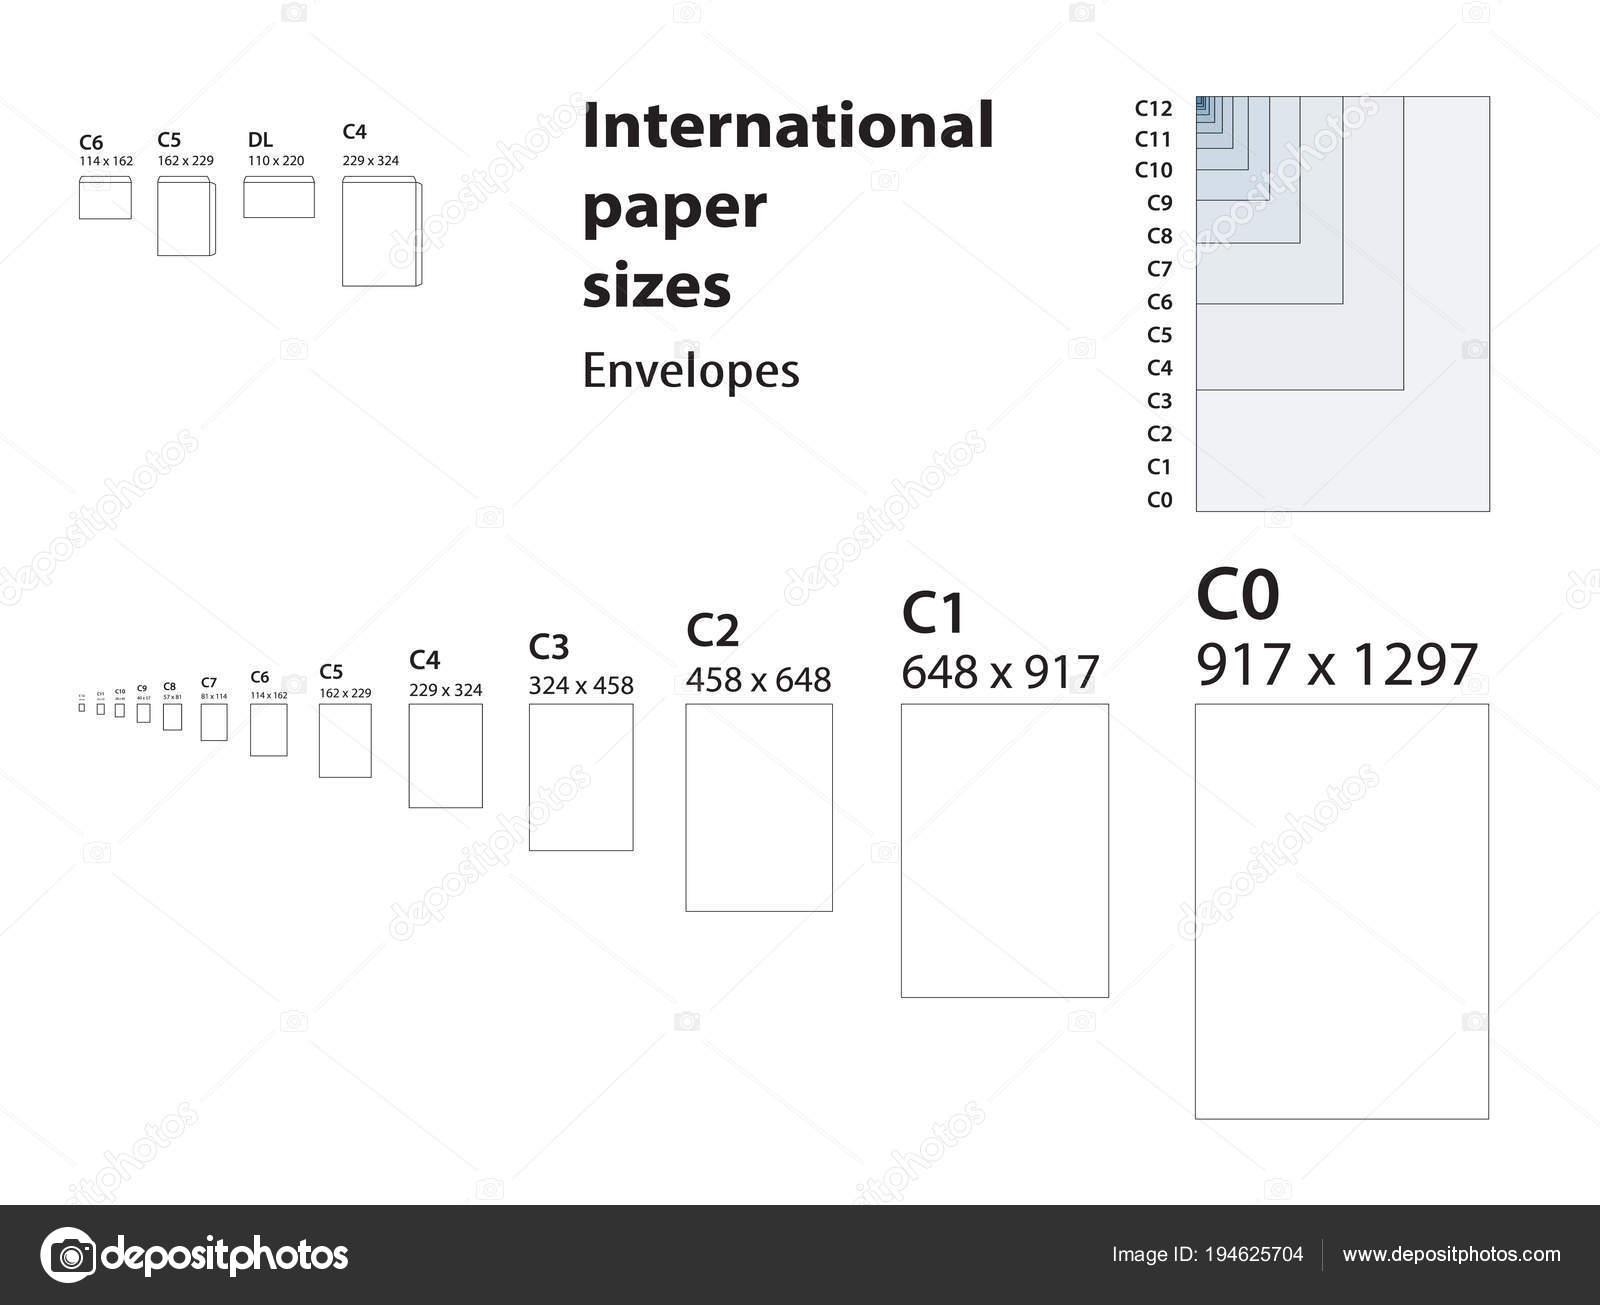 Fotos Tamaños Estandar De Estándar Internacional De Tamaños De